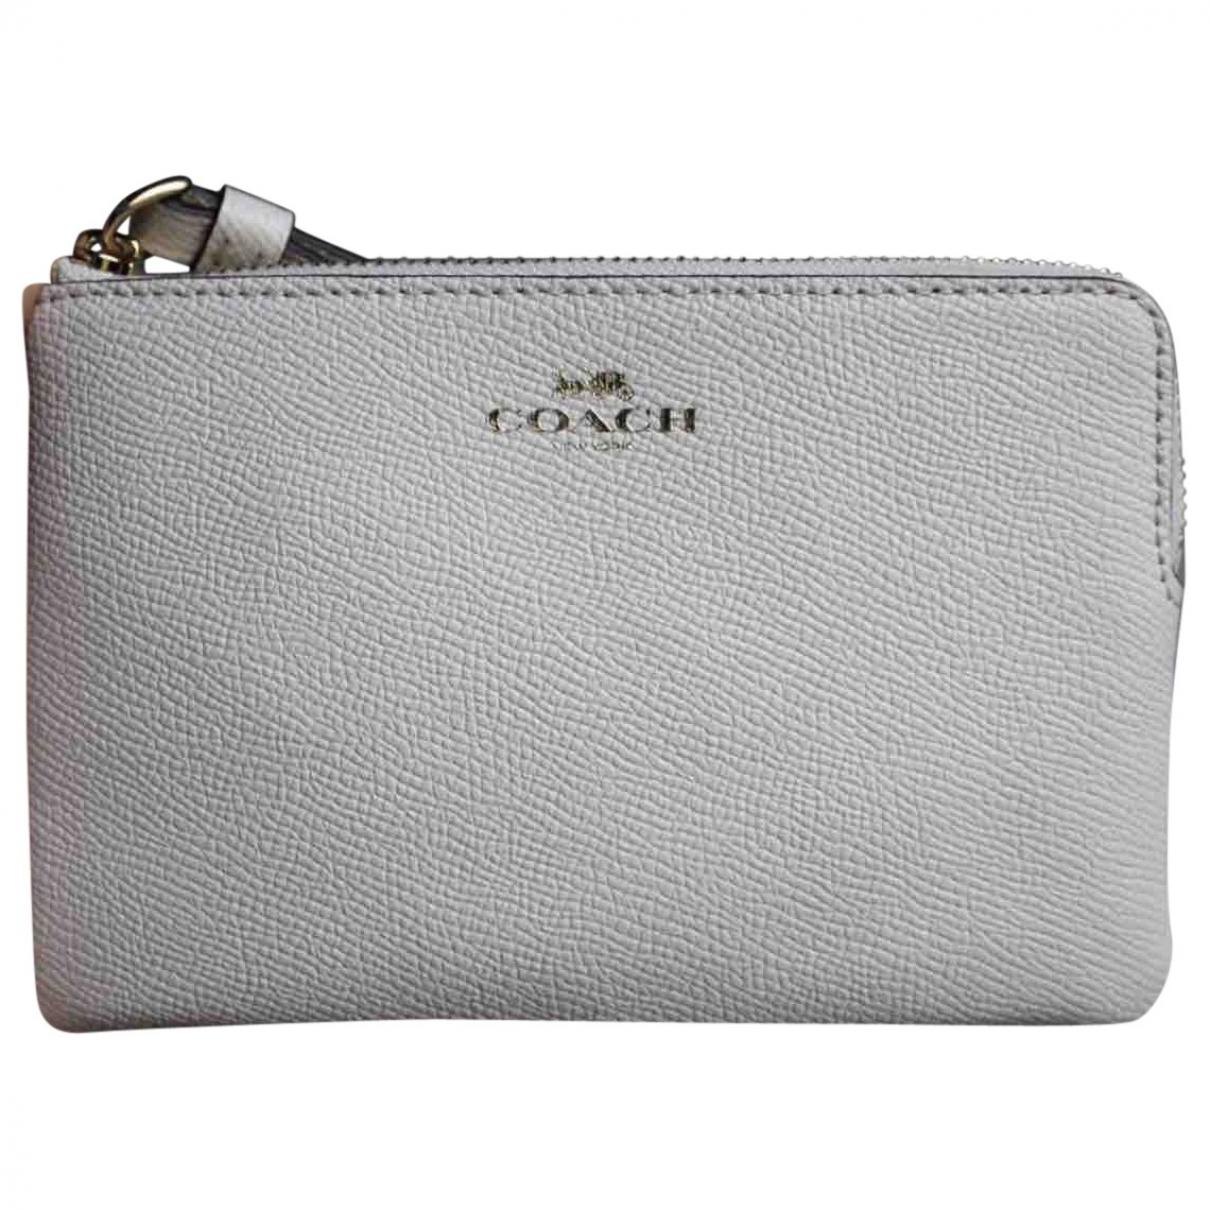 Coach \N Beige Leather wallet for Women \N